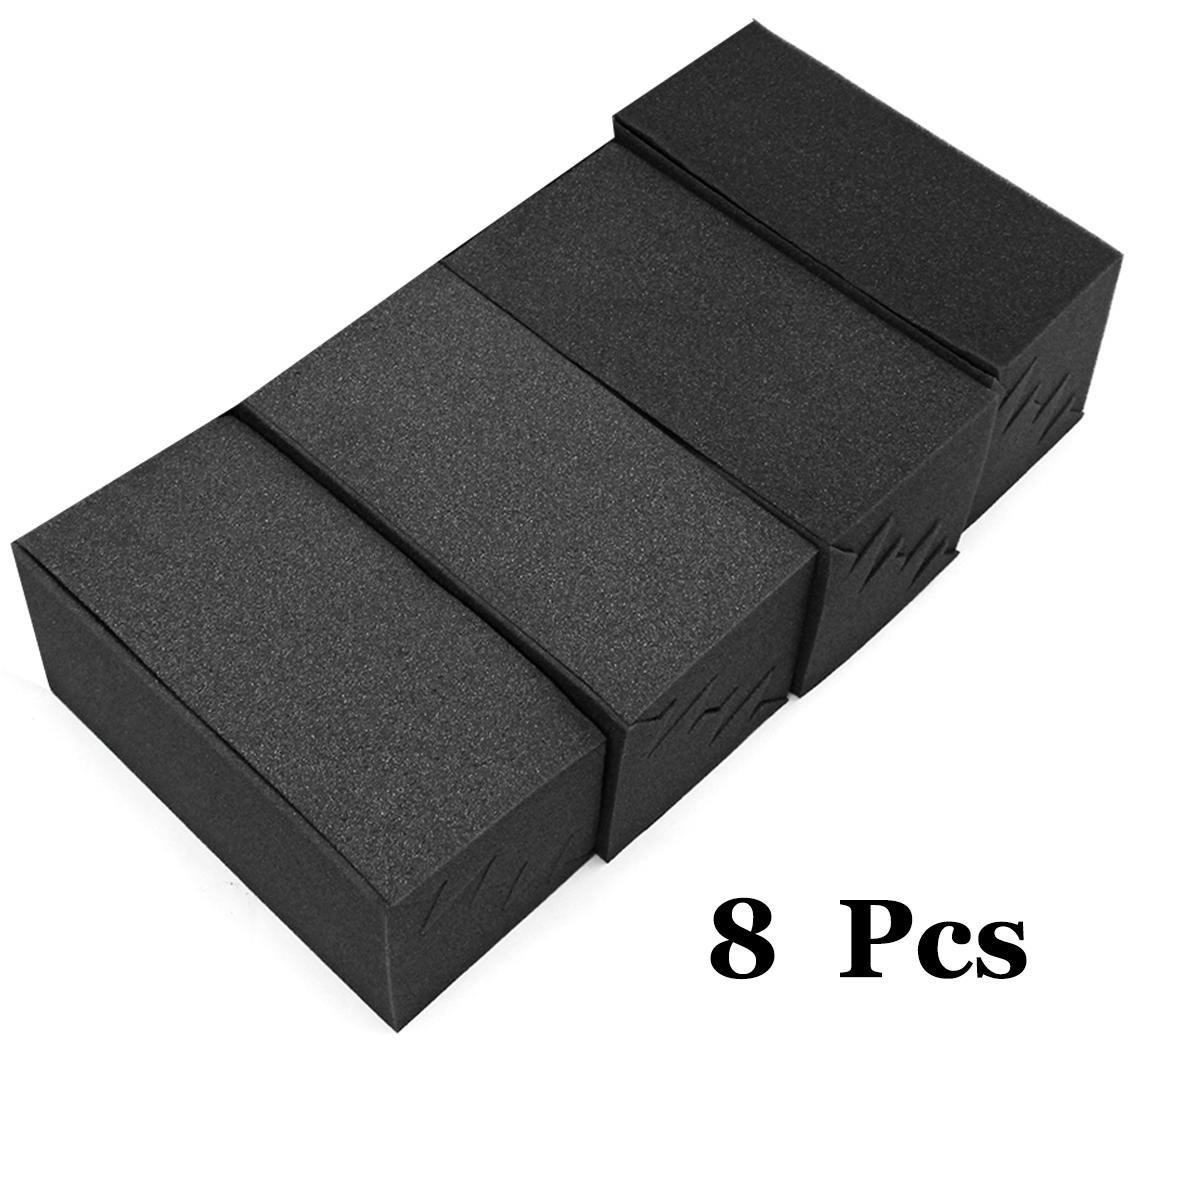 8Pcs 12x11x24cm Soundproofing Foam Acoustic Foam Noise Sound Treatment Studio Room Absorption Wedge Tiles Polyurethane Foam